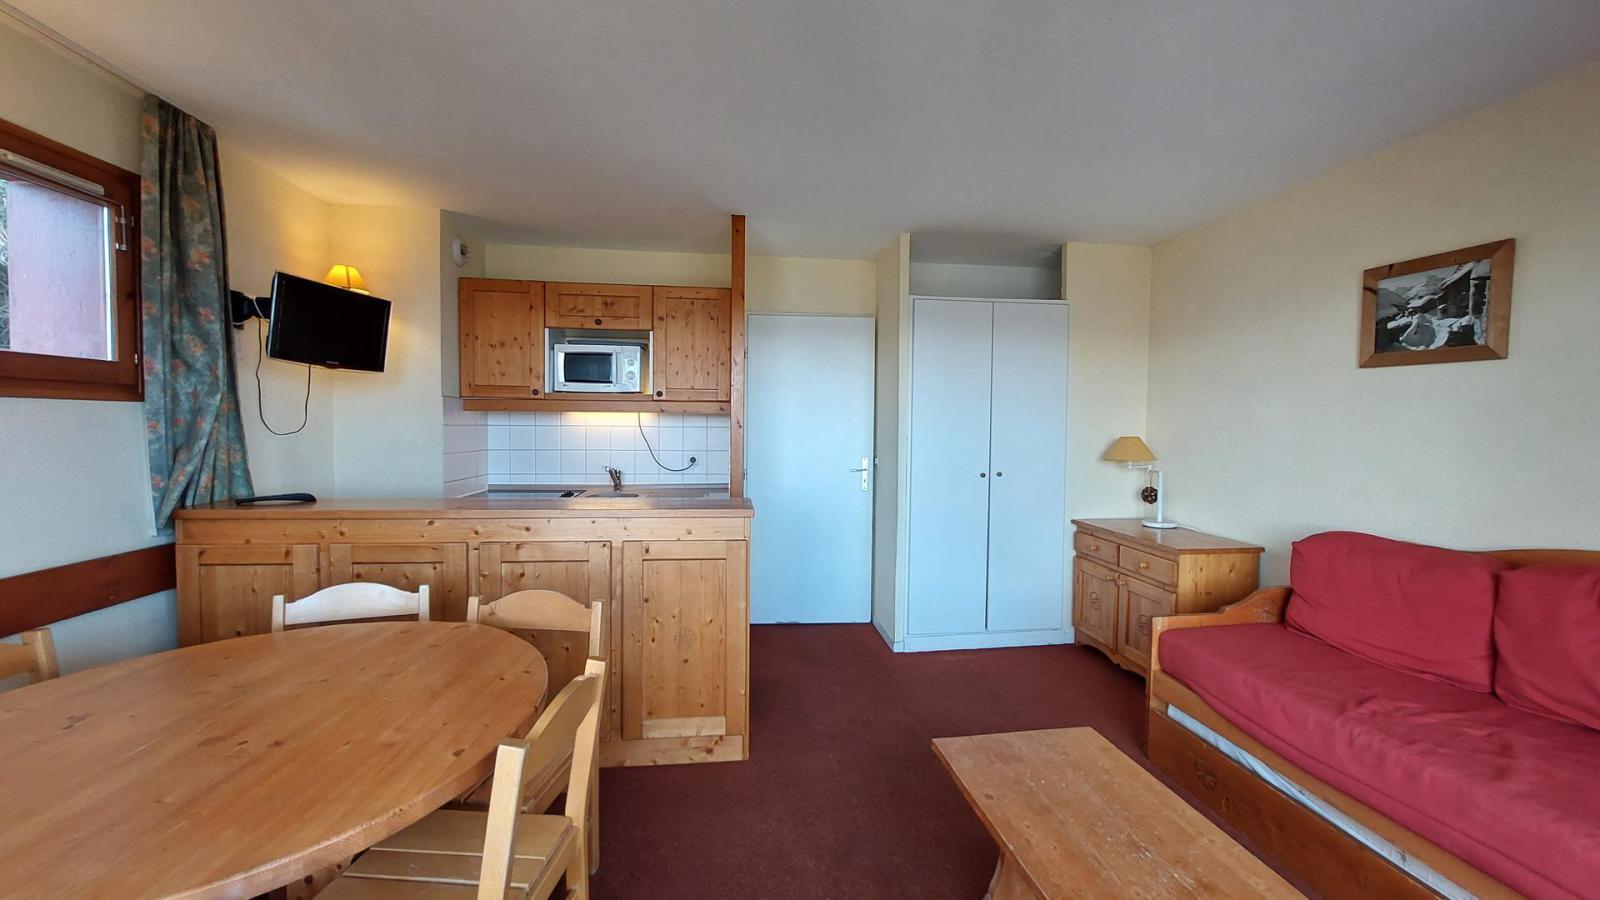 Location au ski Appartement 3 pièces 6 personnes (416) - Residence Le Ruitor - Les Arcs - Séjour